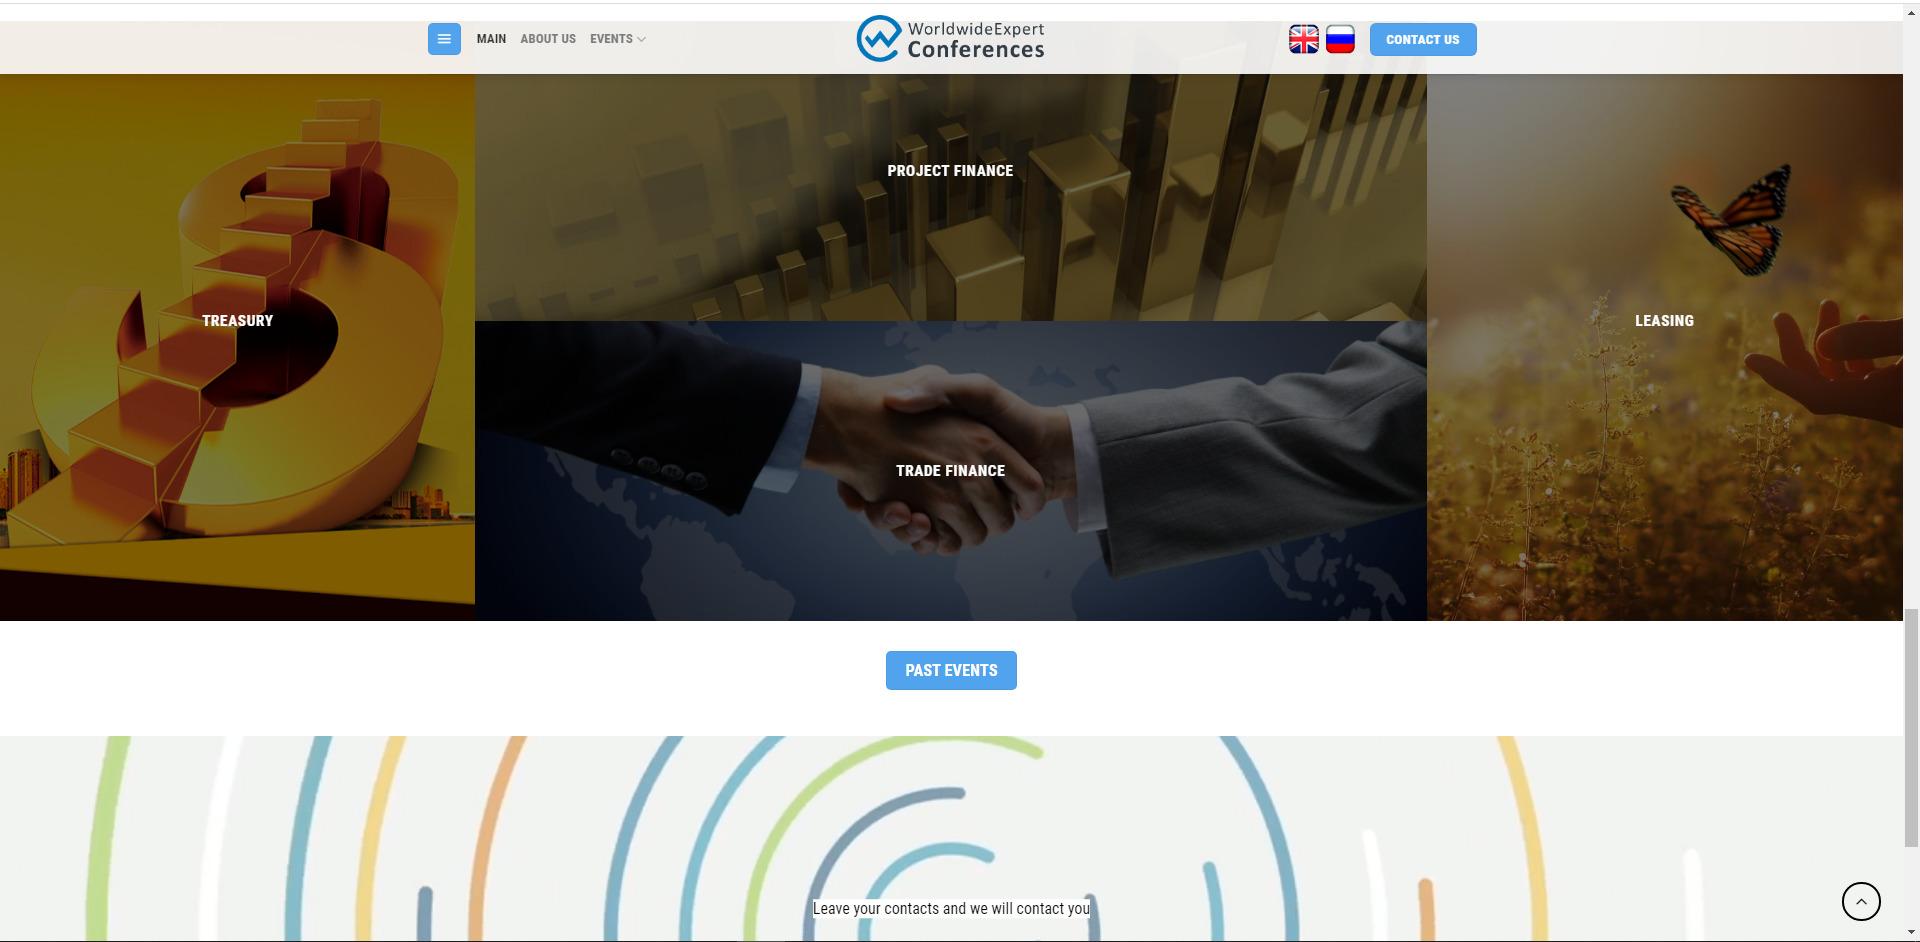 wwe-conferences.com